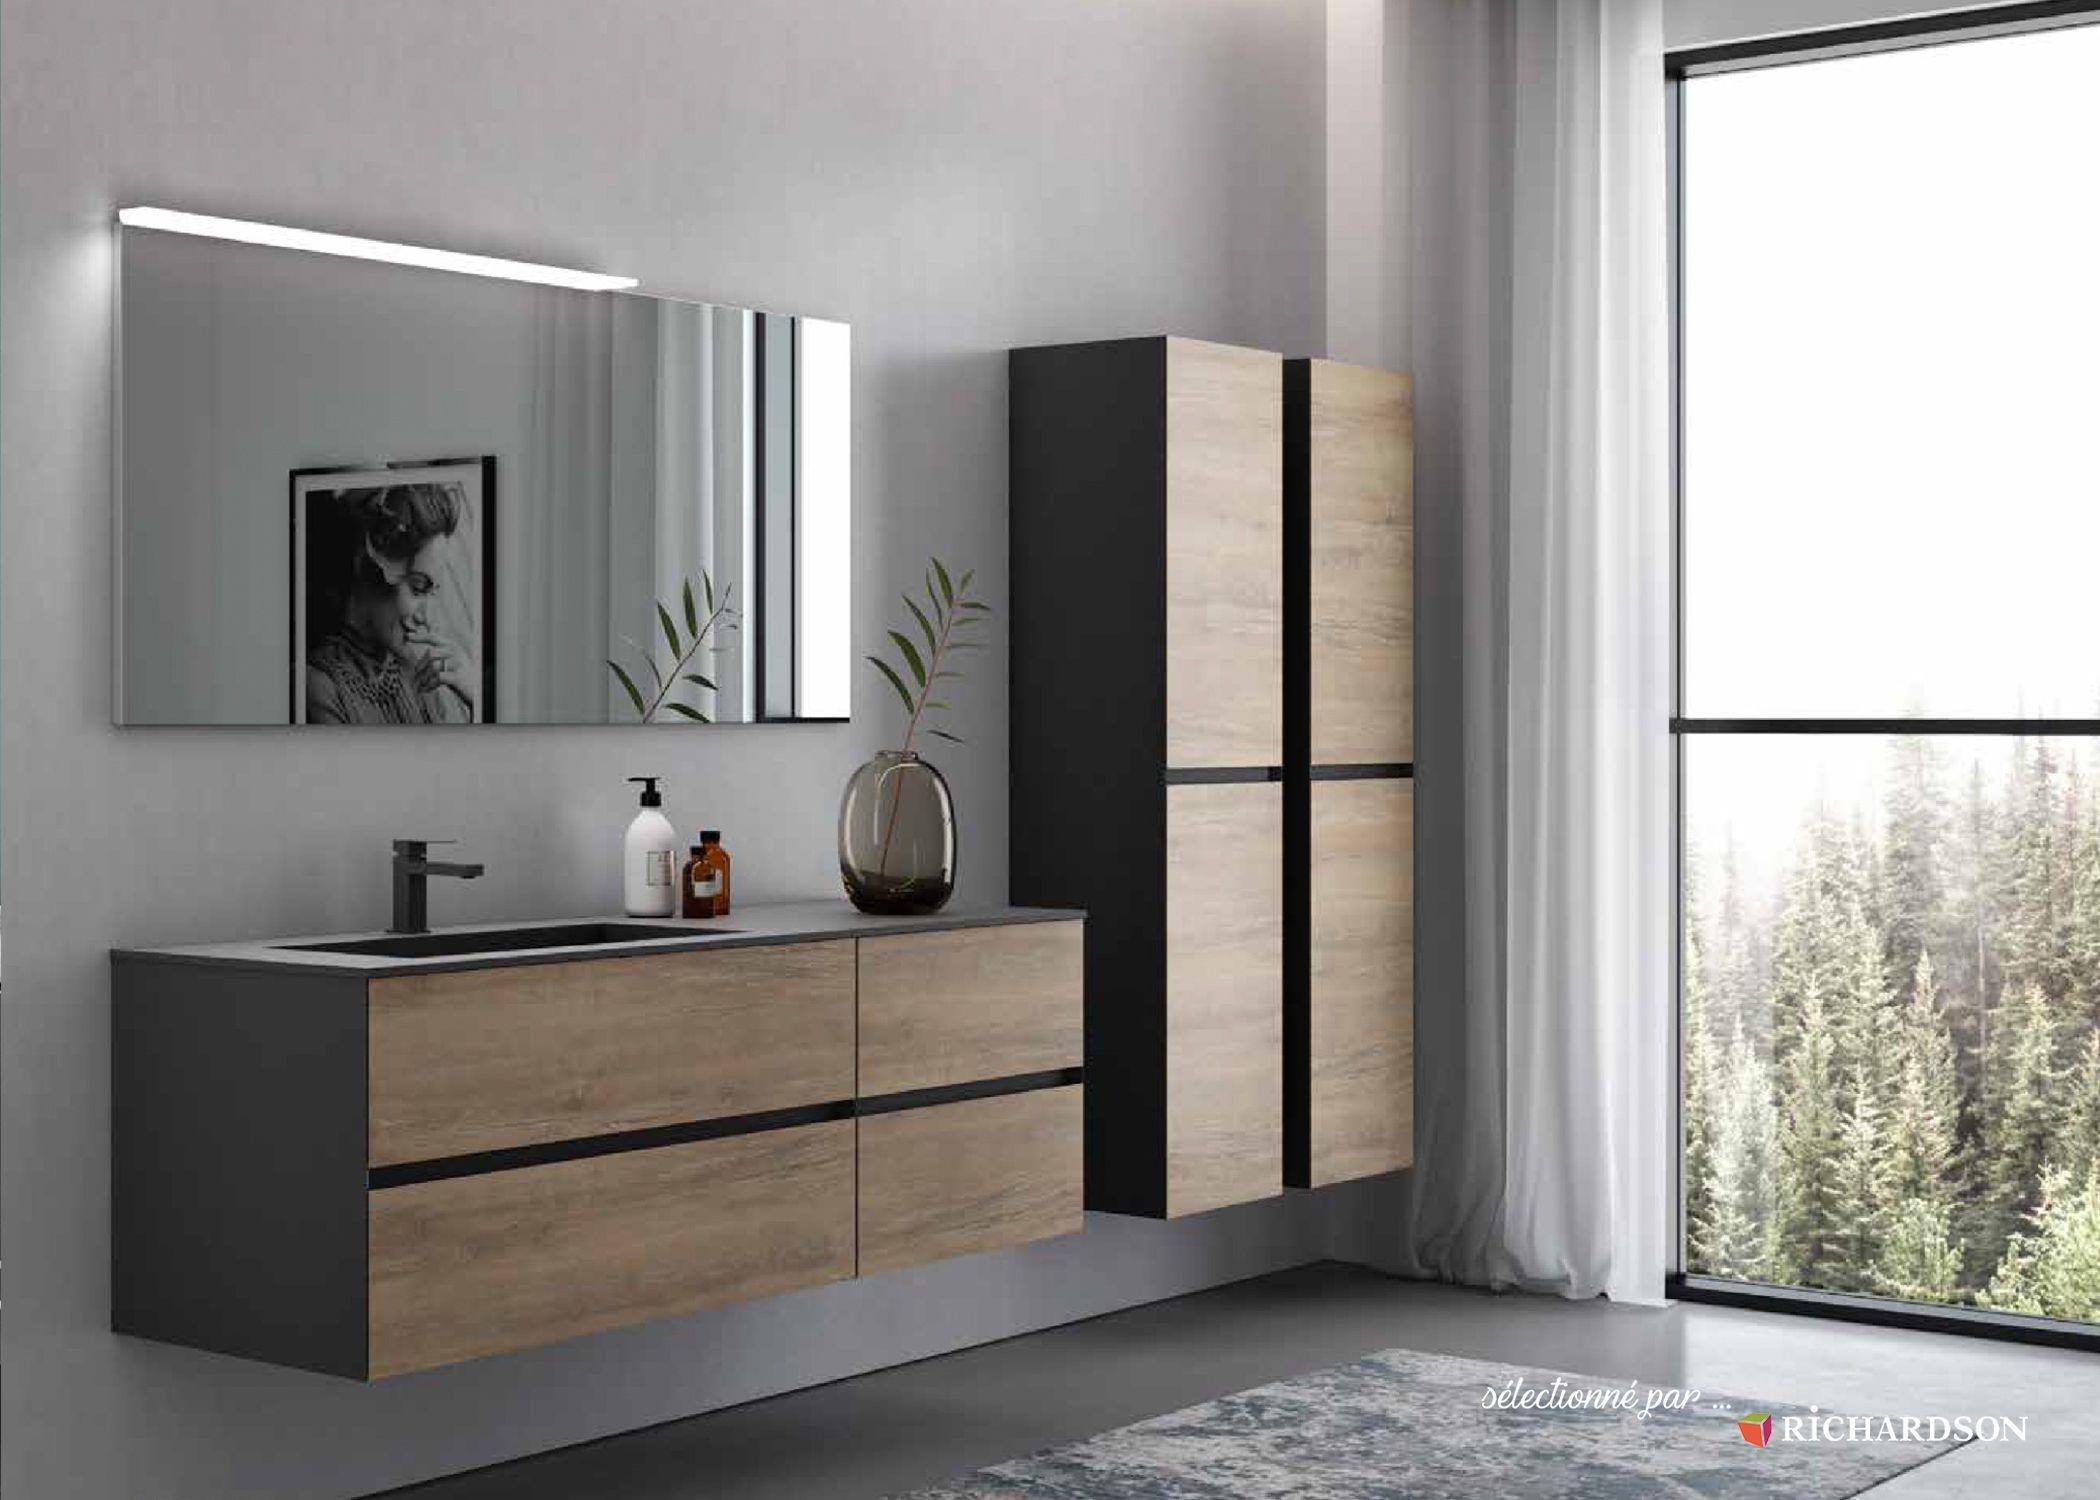 Meuble Salle De Bains Avec Facade En Bois Bathroom Style Stylish Bathroom Wooden Facade